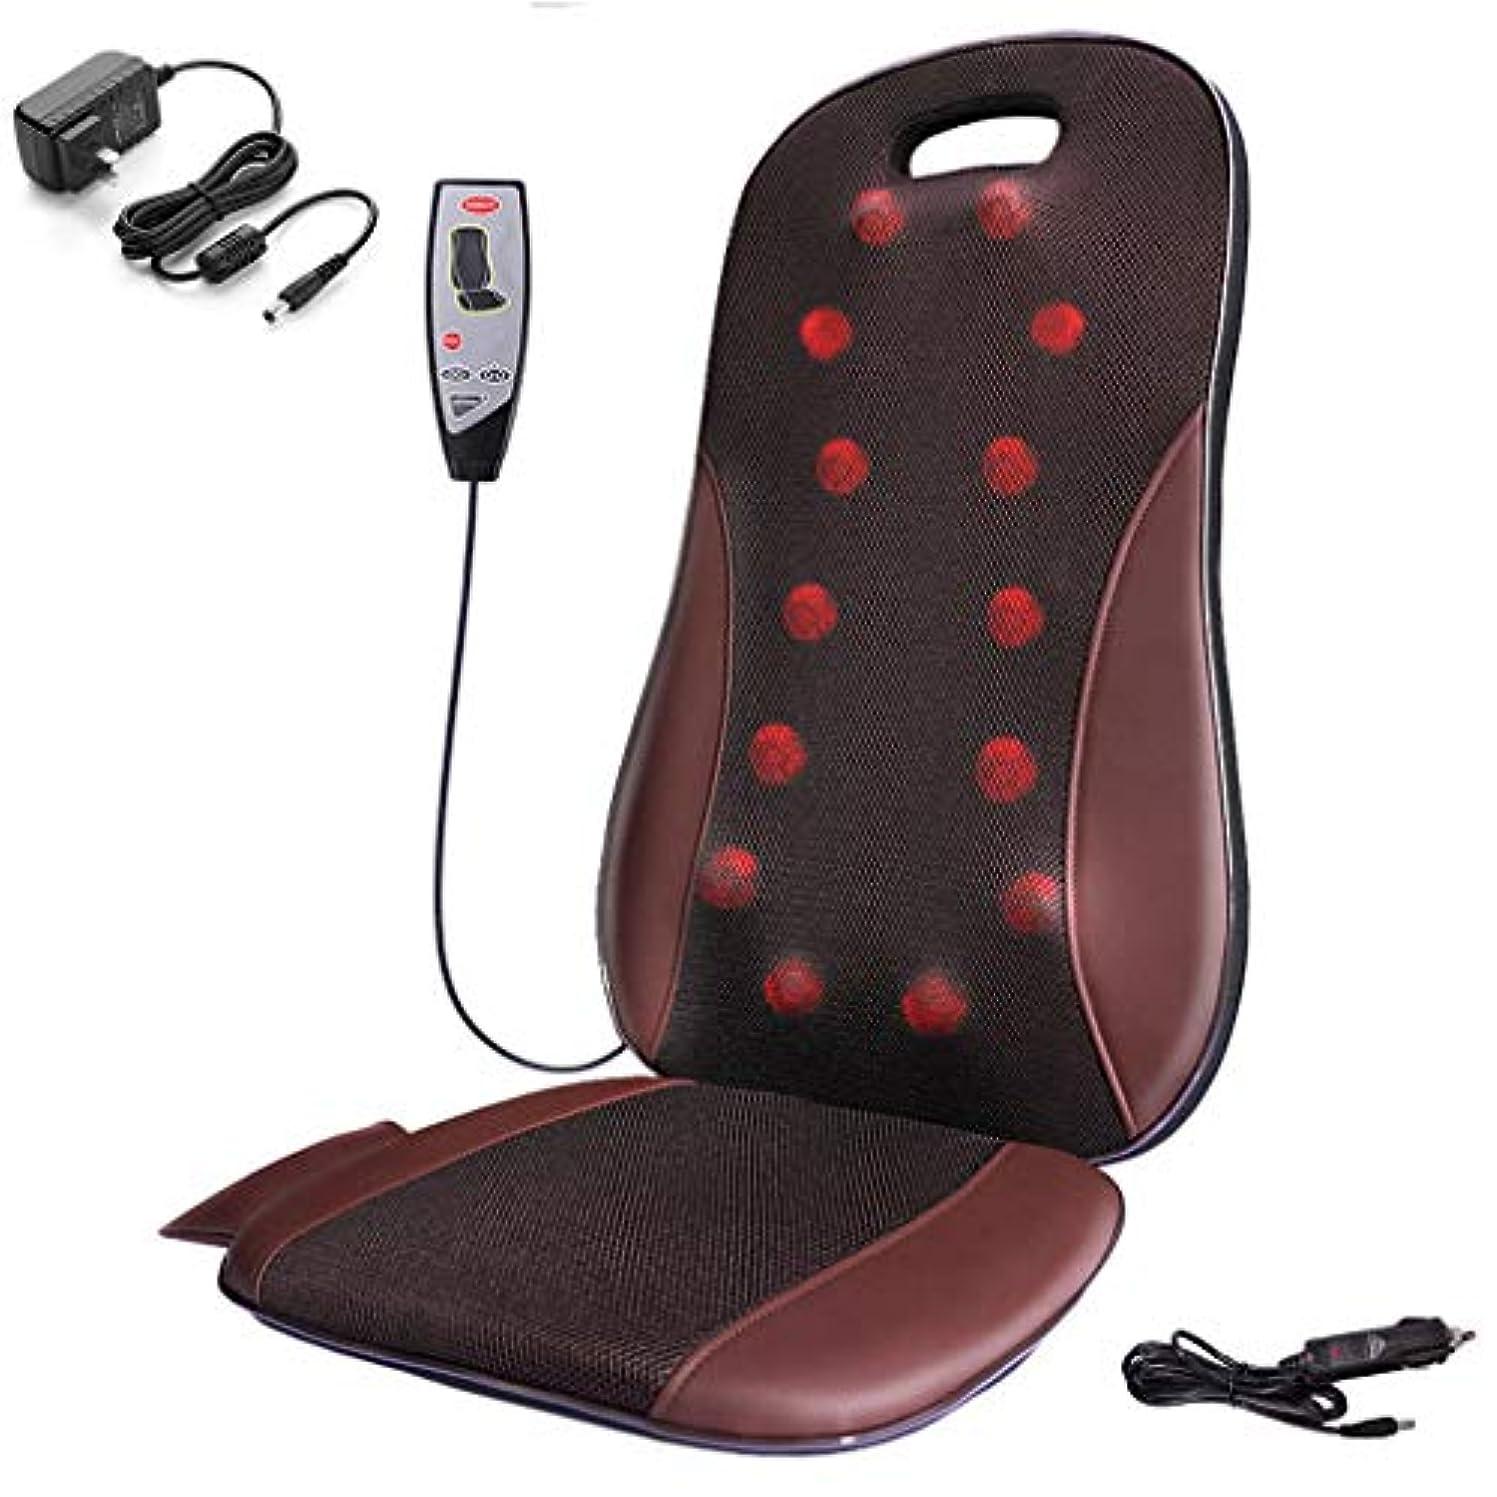 母音閉じ込める司書3D の背部マッサージのクッション、暖房および振動、圧延の混練は家、オフィス、車のために適した首の背部苦痛を、取り除くのを助ける。